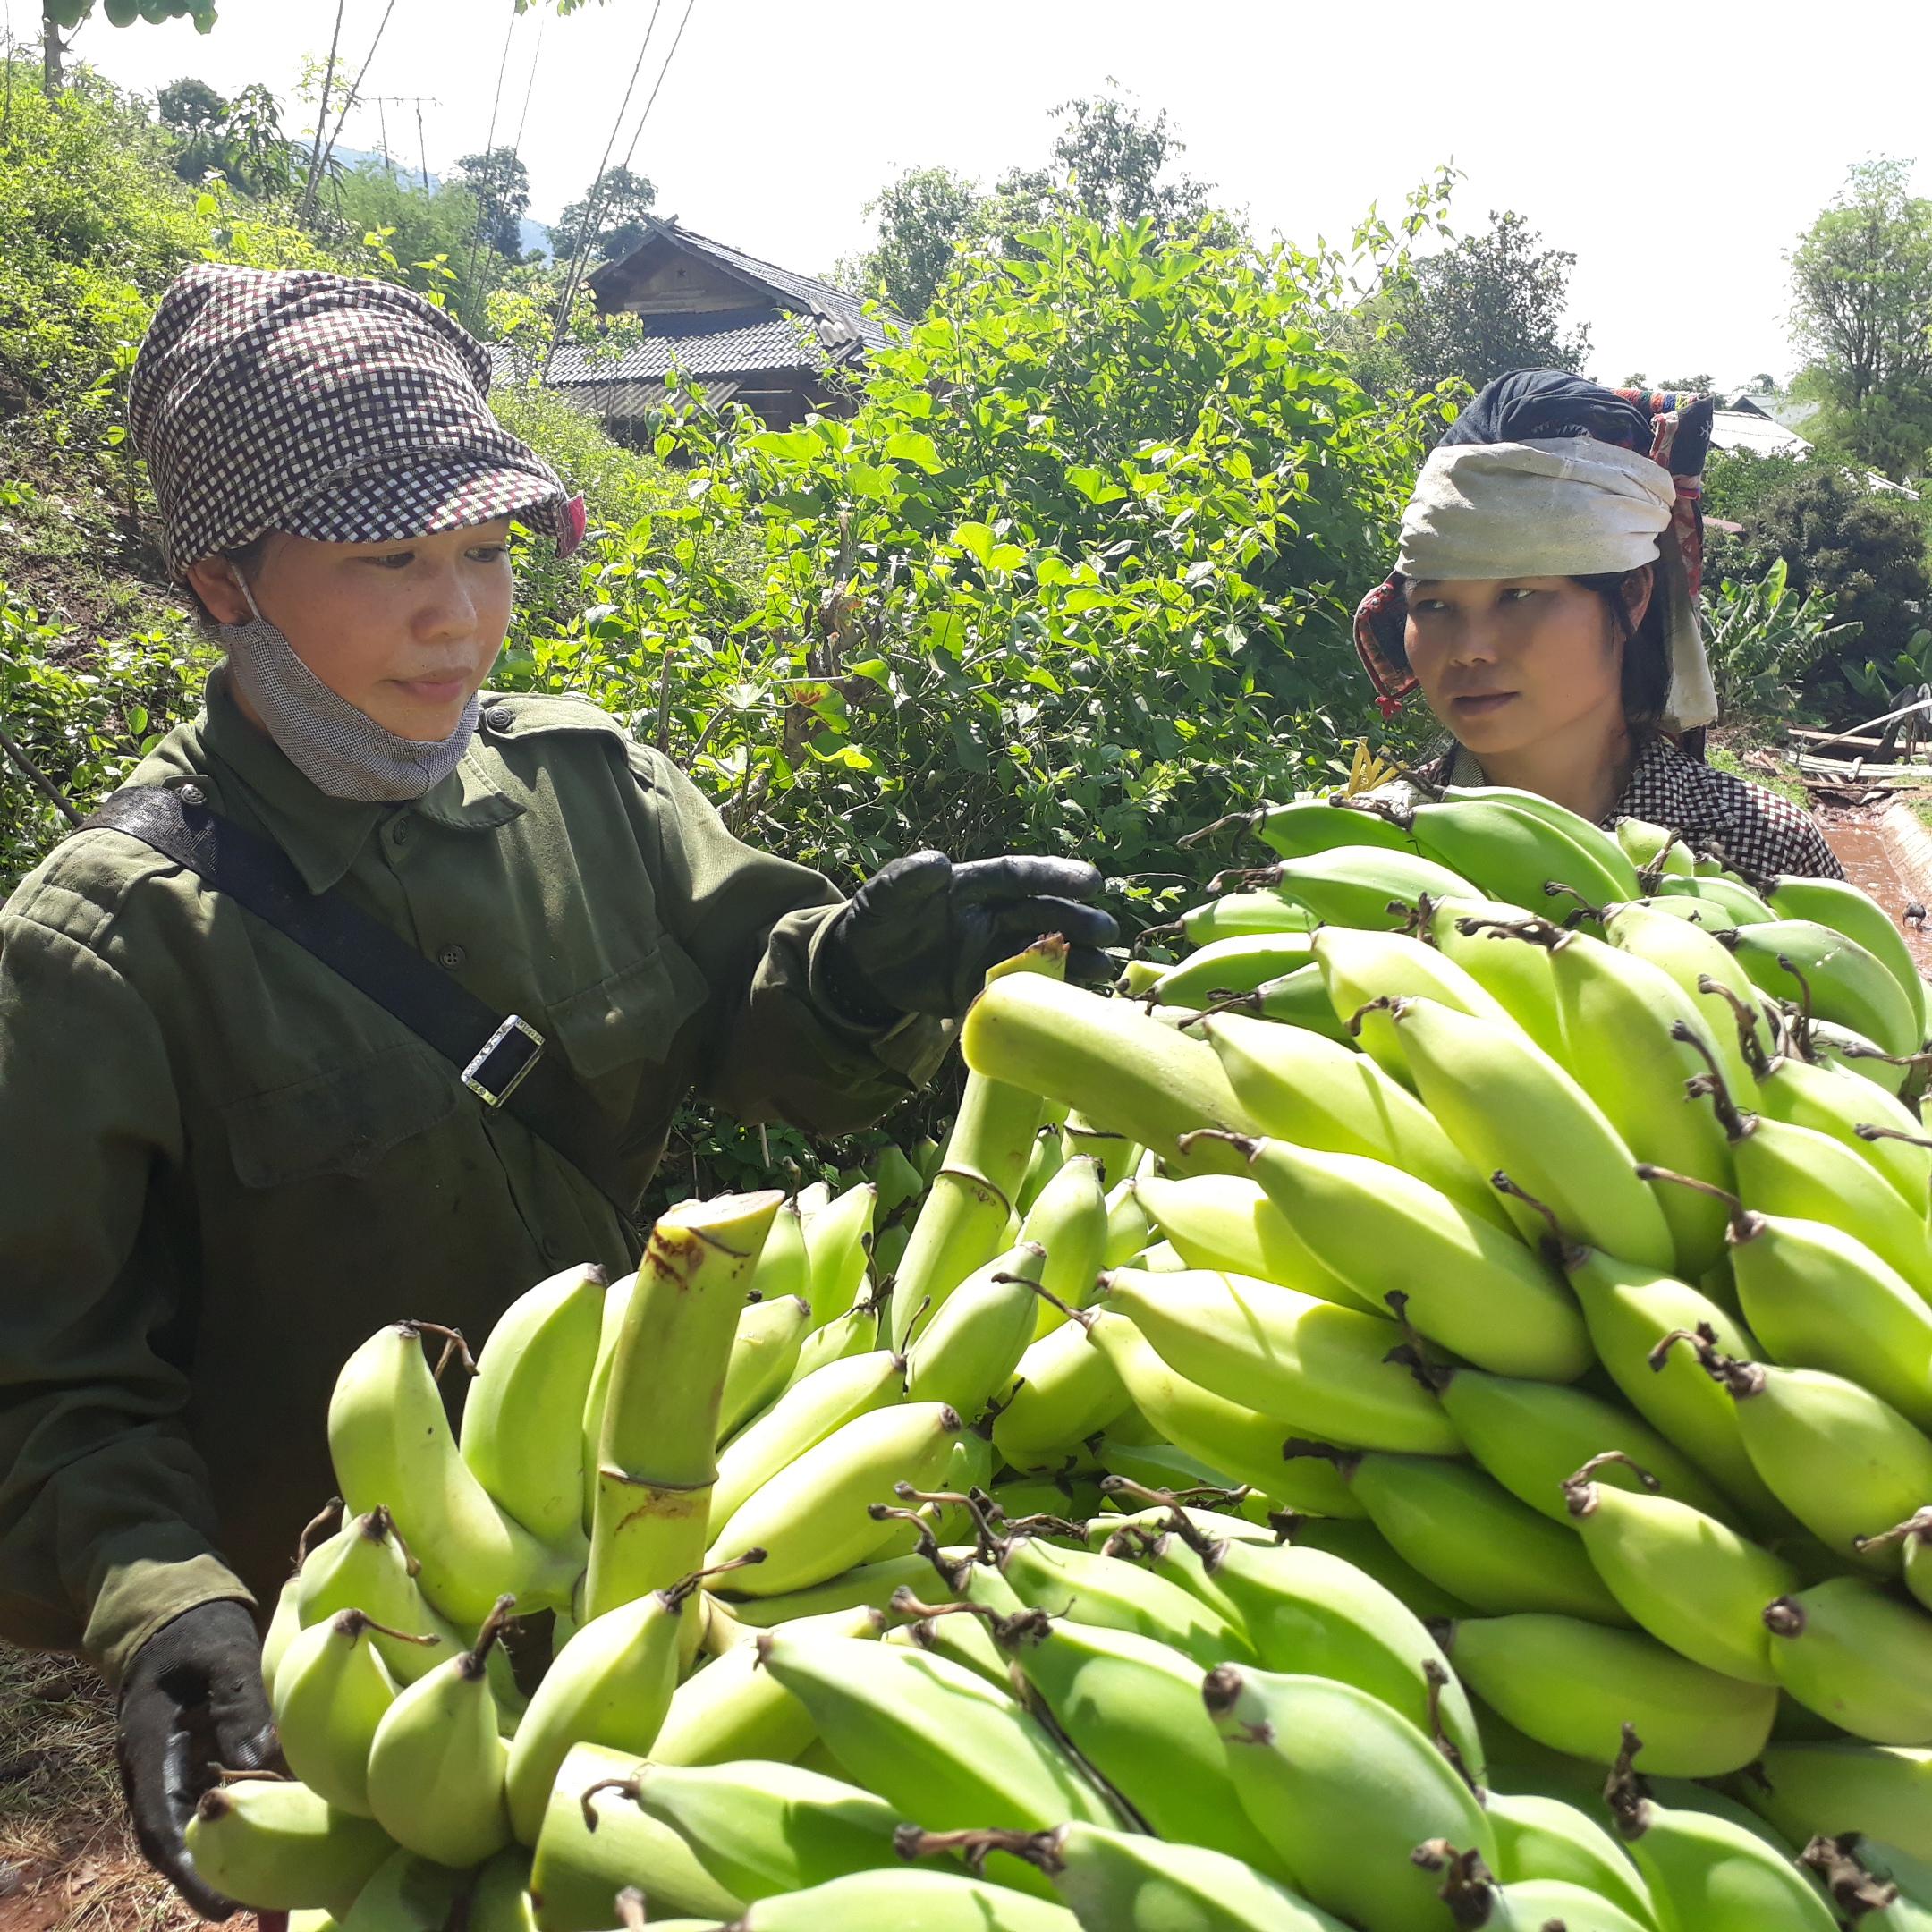 Yên Châu đang dần hình thành nhiều vùng nông sản hàng hóa như chuối, cam, xoài.